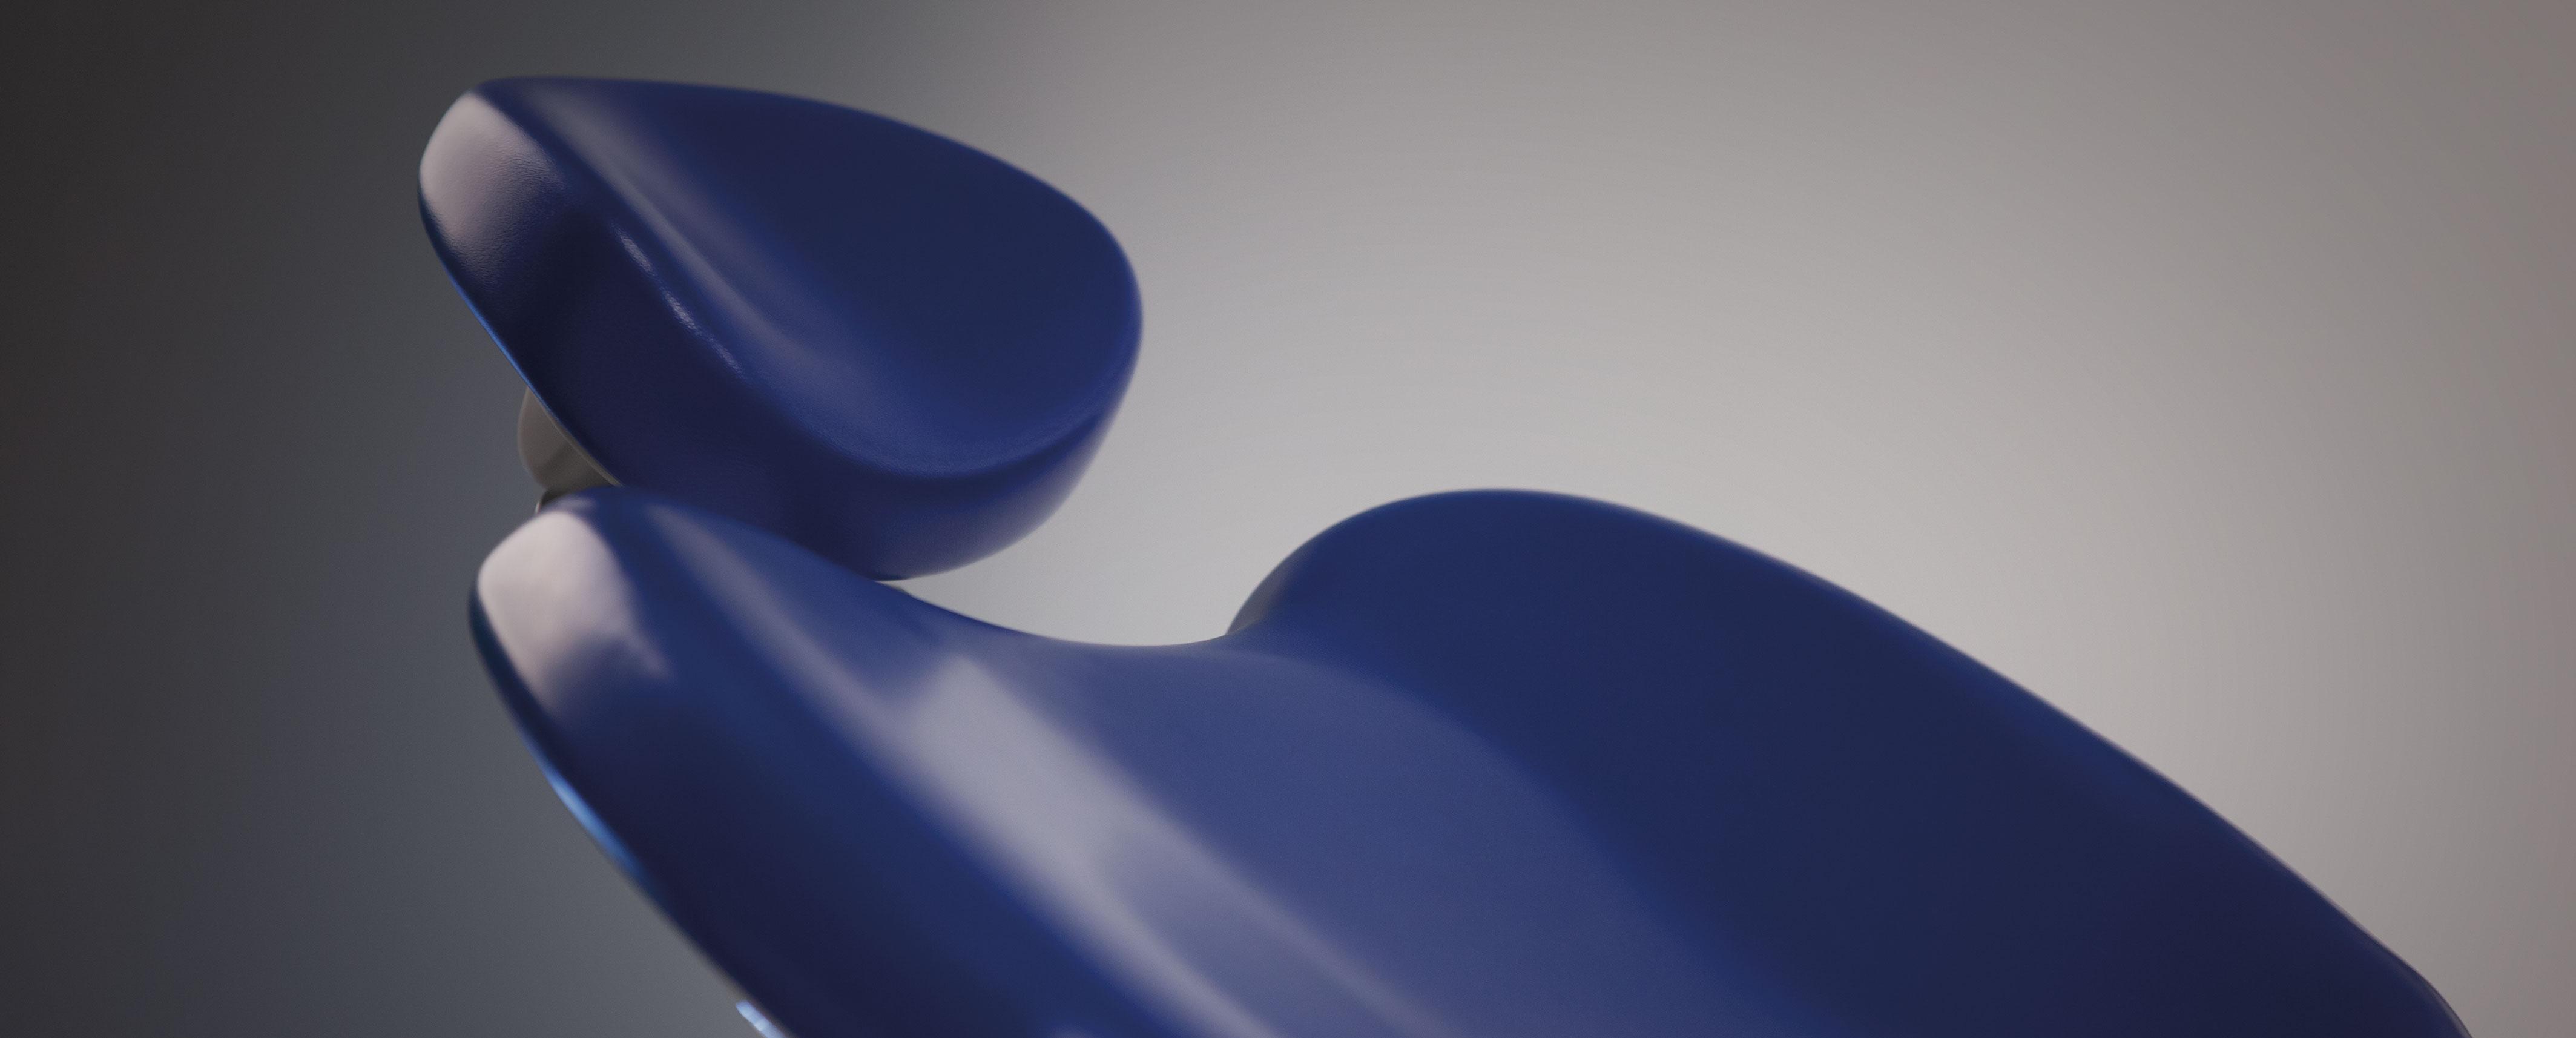 01-poltrona-glass-4254x1714